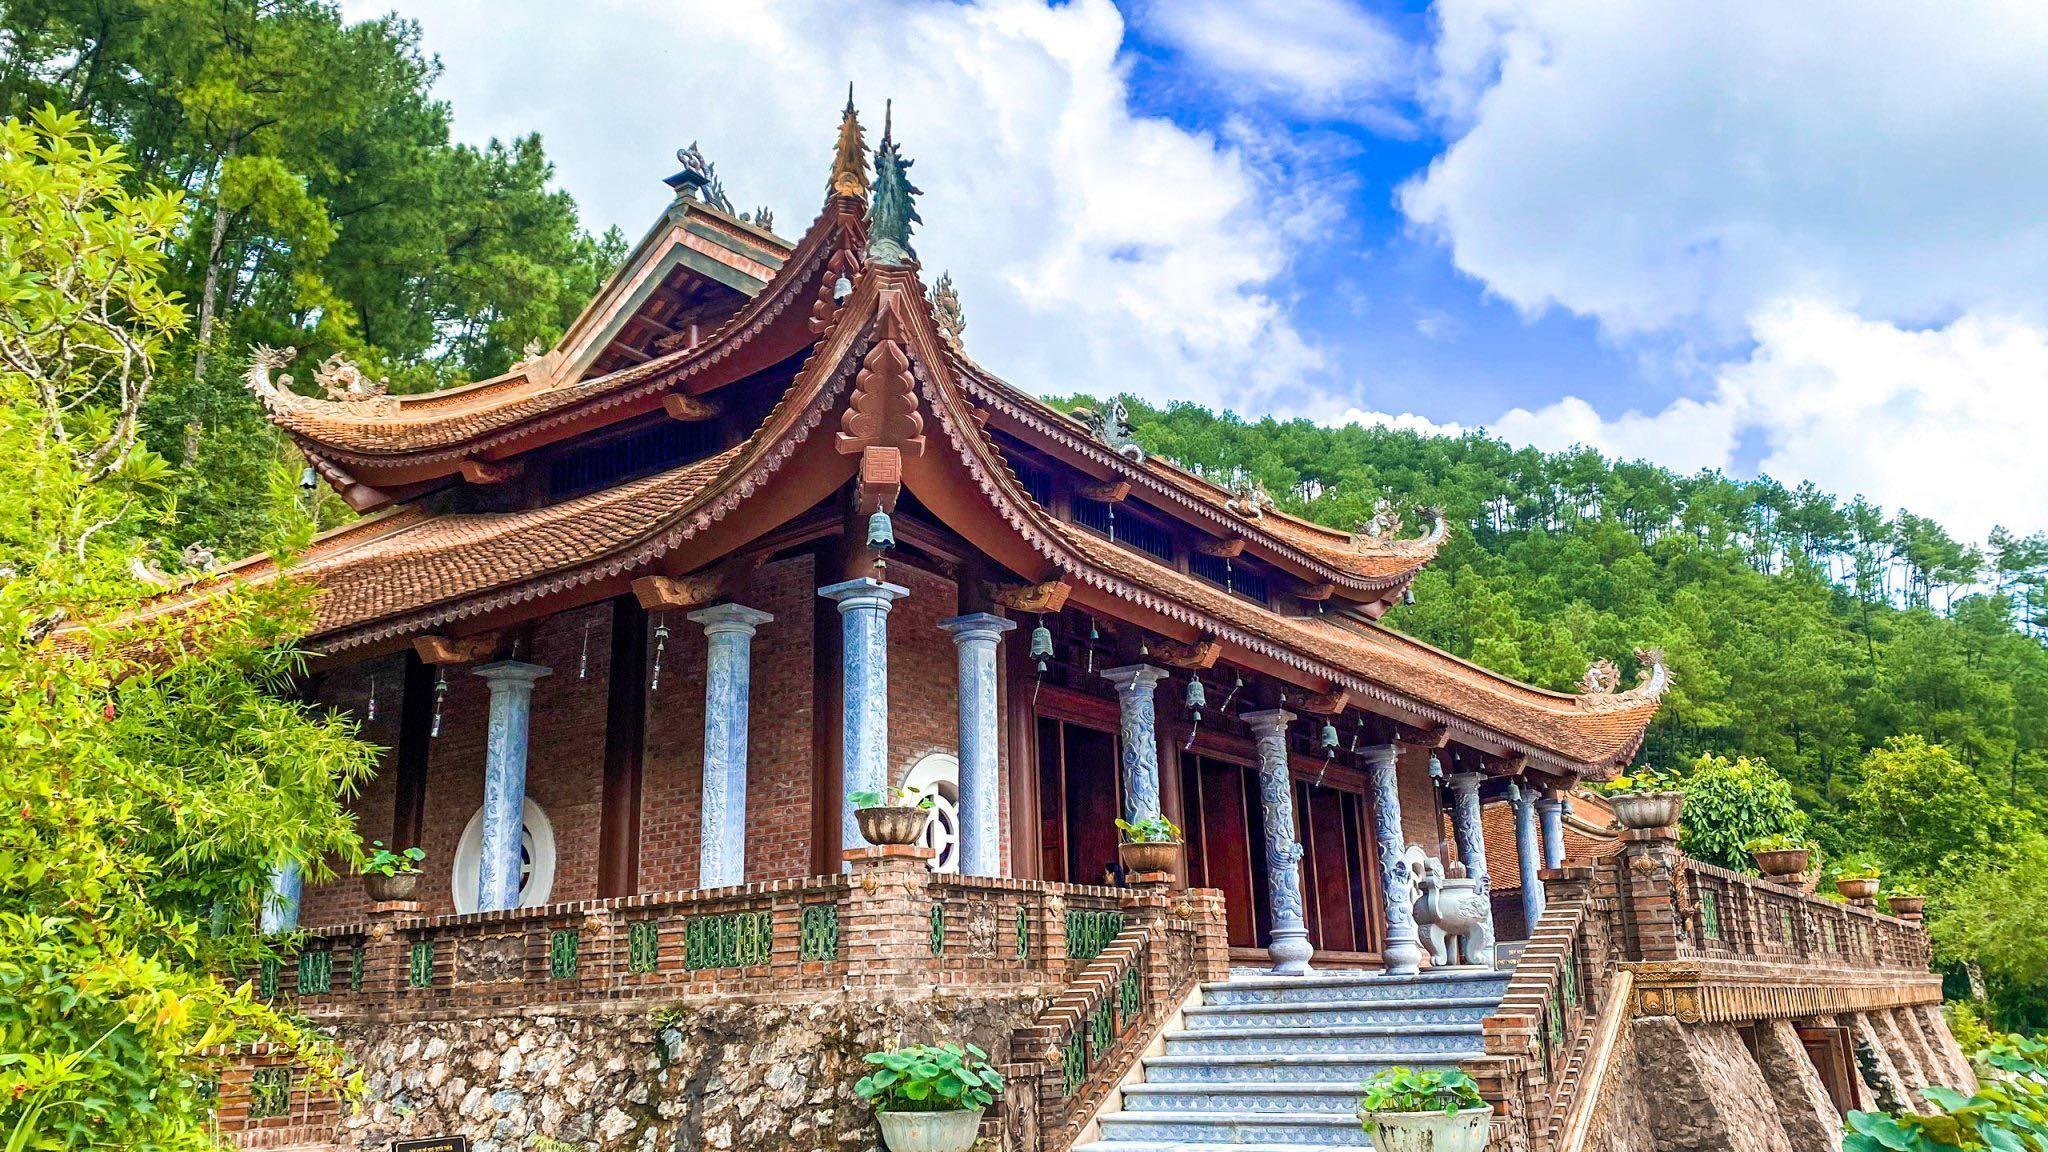 Khám phá vẻ đẹp nghìn năm ở chùa Địa Tạng Phi Lai Tự